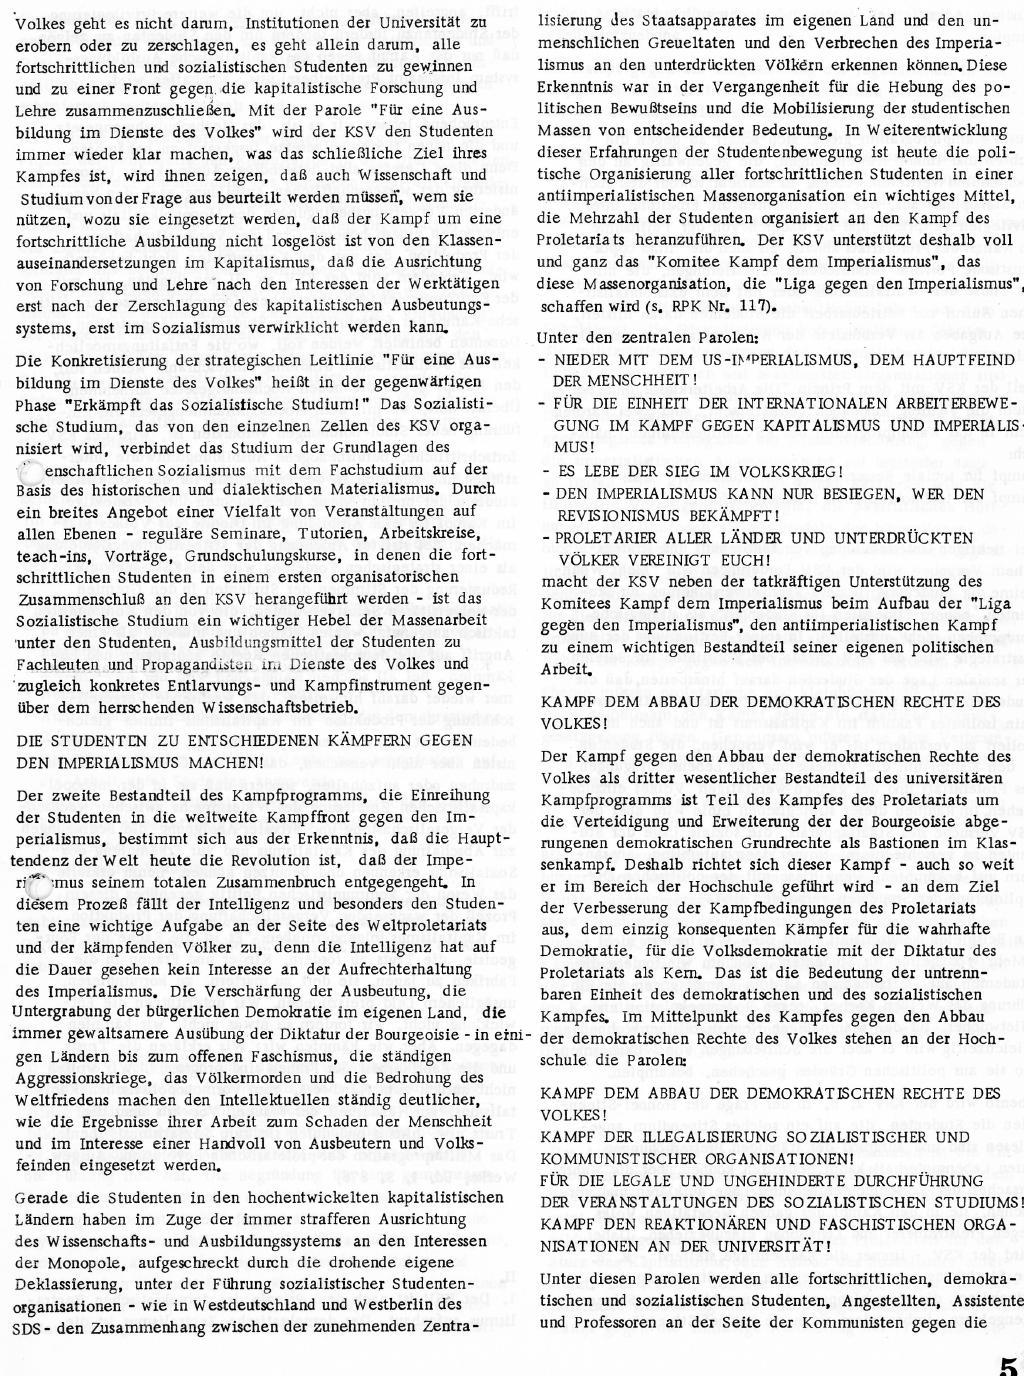 RPK_1971_118_05